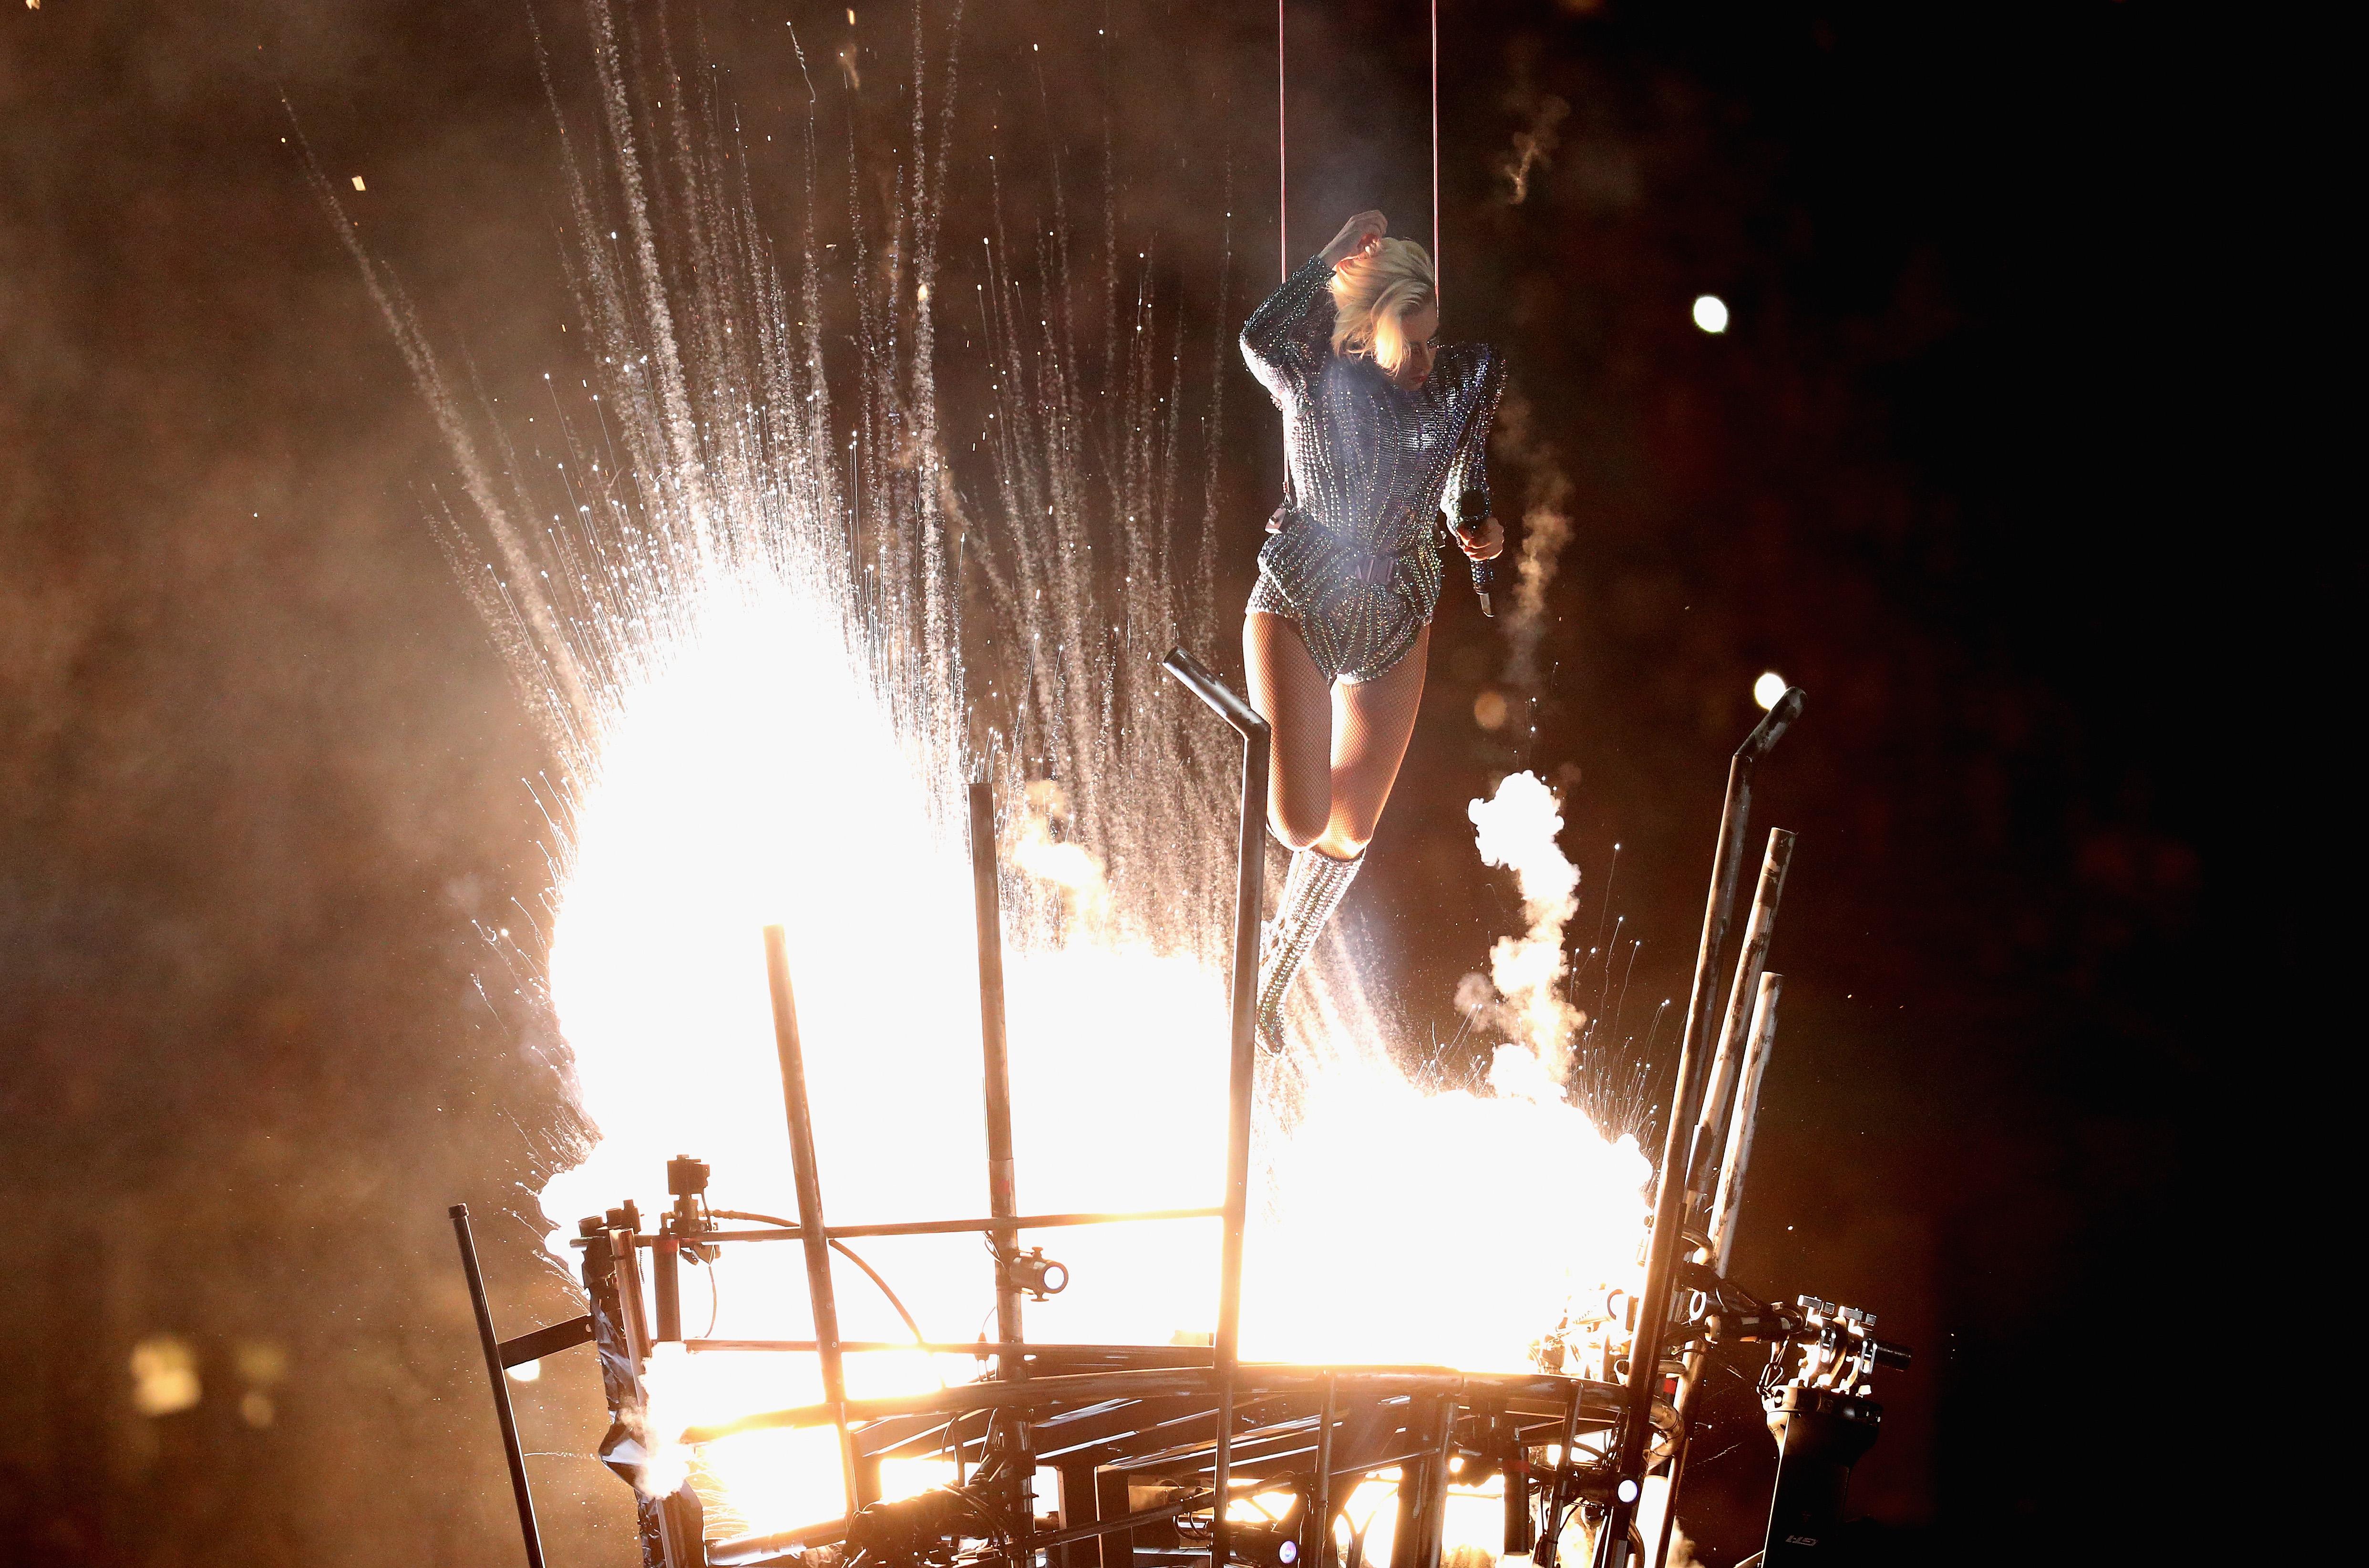 Lady Gaga 'vuela' sobre el escenario en el espectáculo de medio tiempo del Super Bowl 51. (Crédito: Patrick Smith/Getty Images)